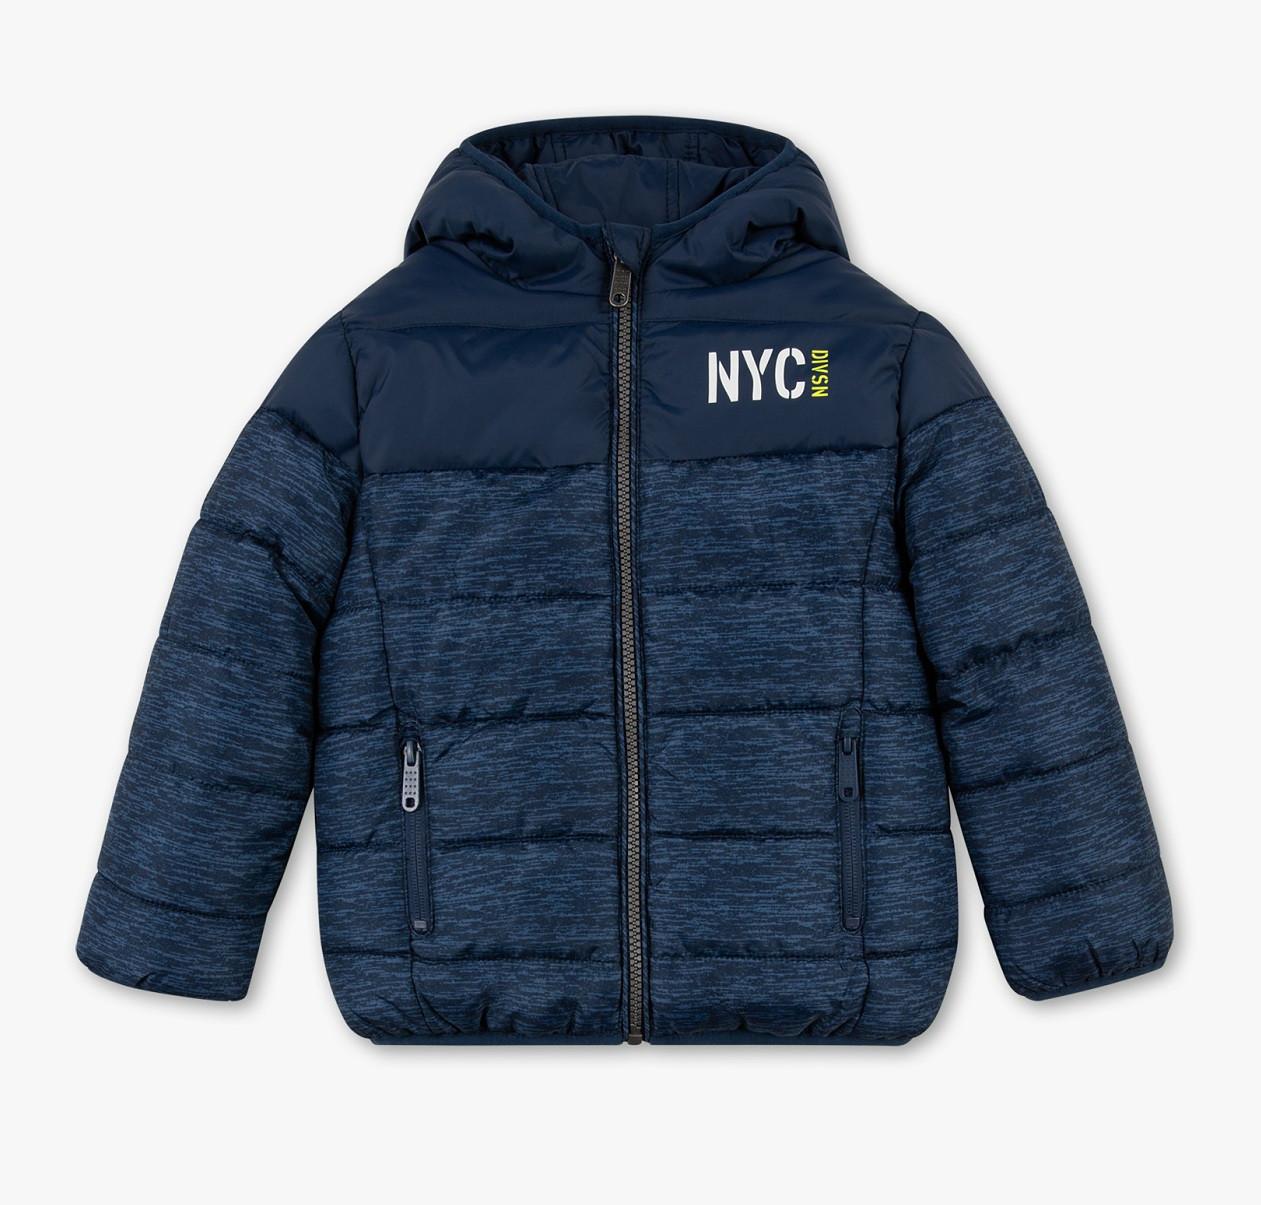 Куртка на осінь для хлопчика NYC C&A Німеччина Розмір 116